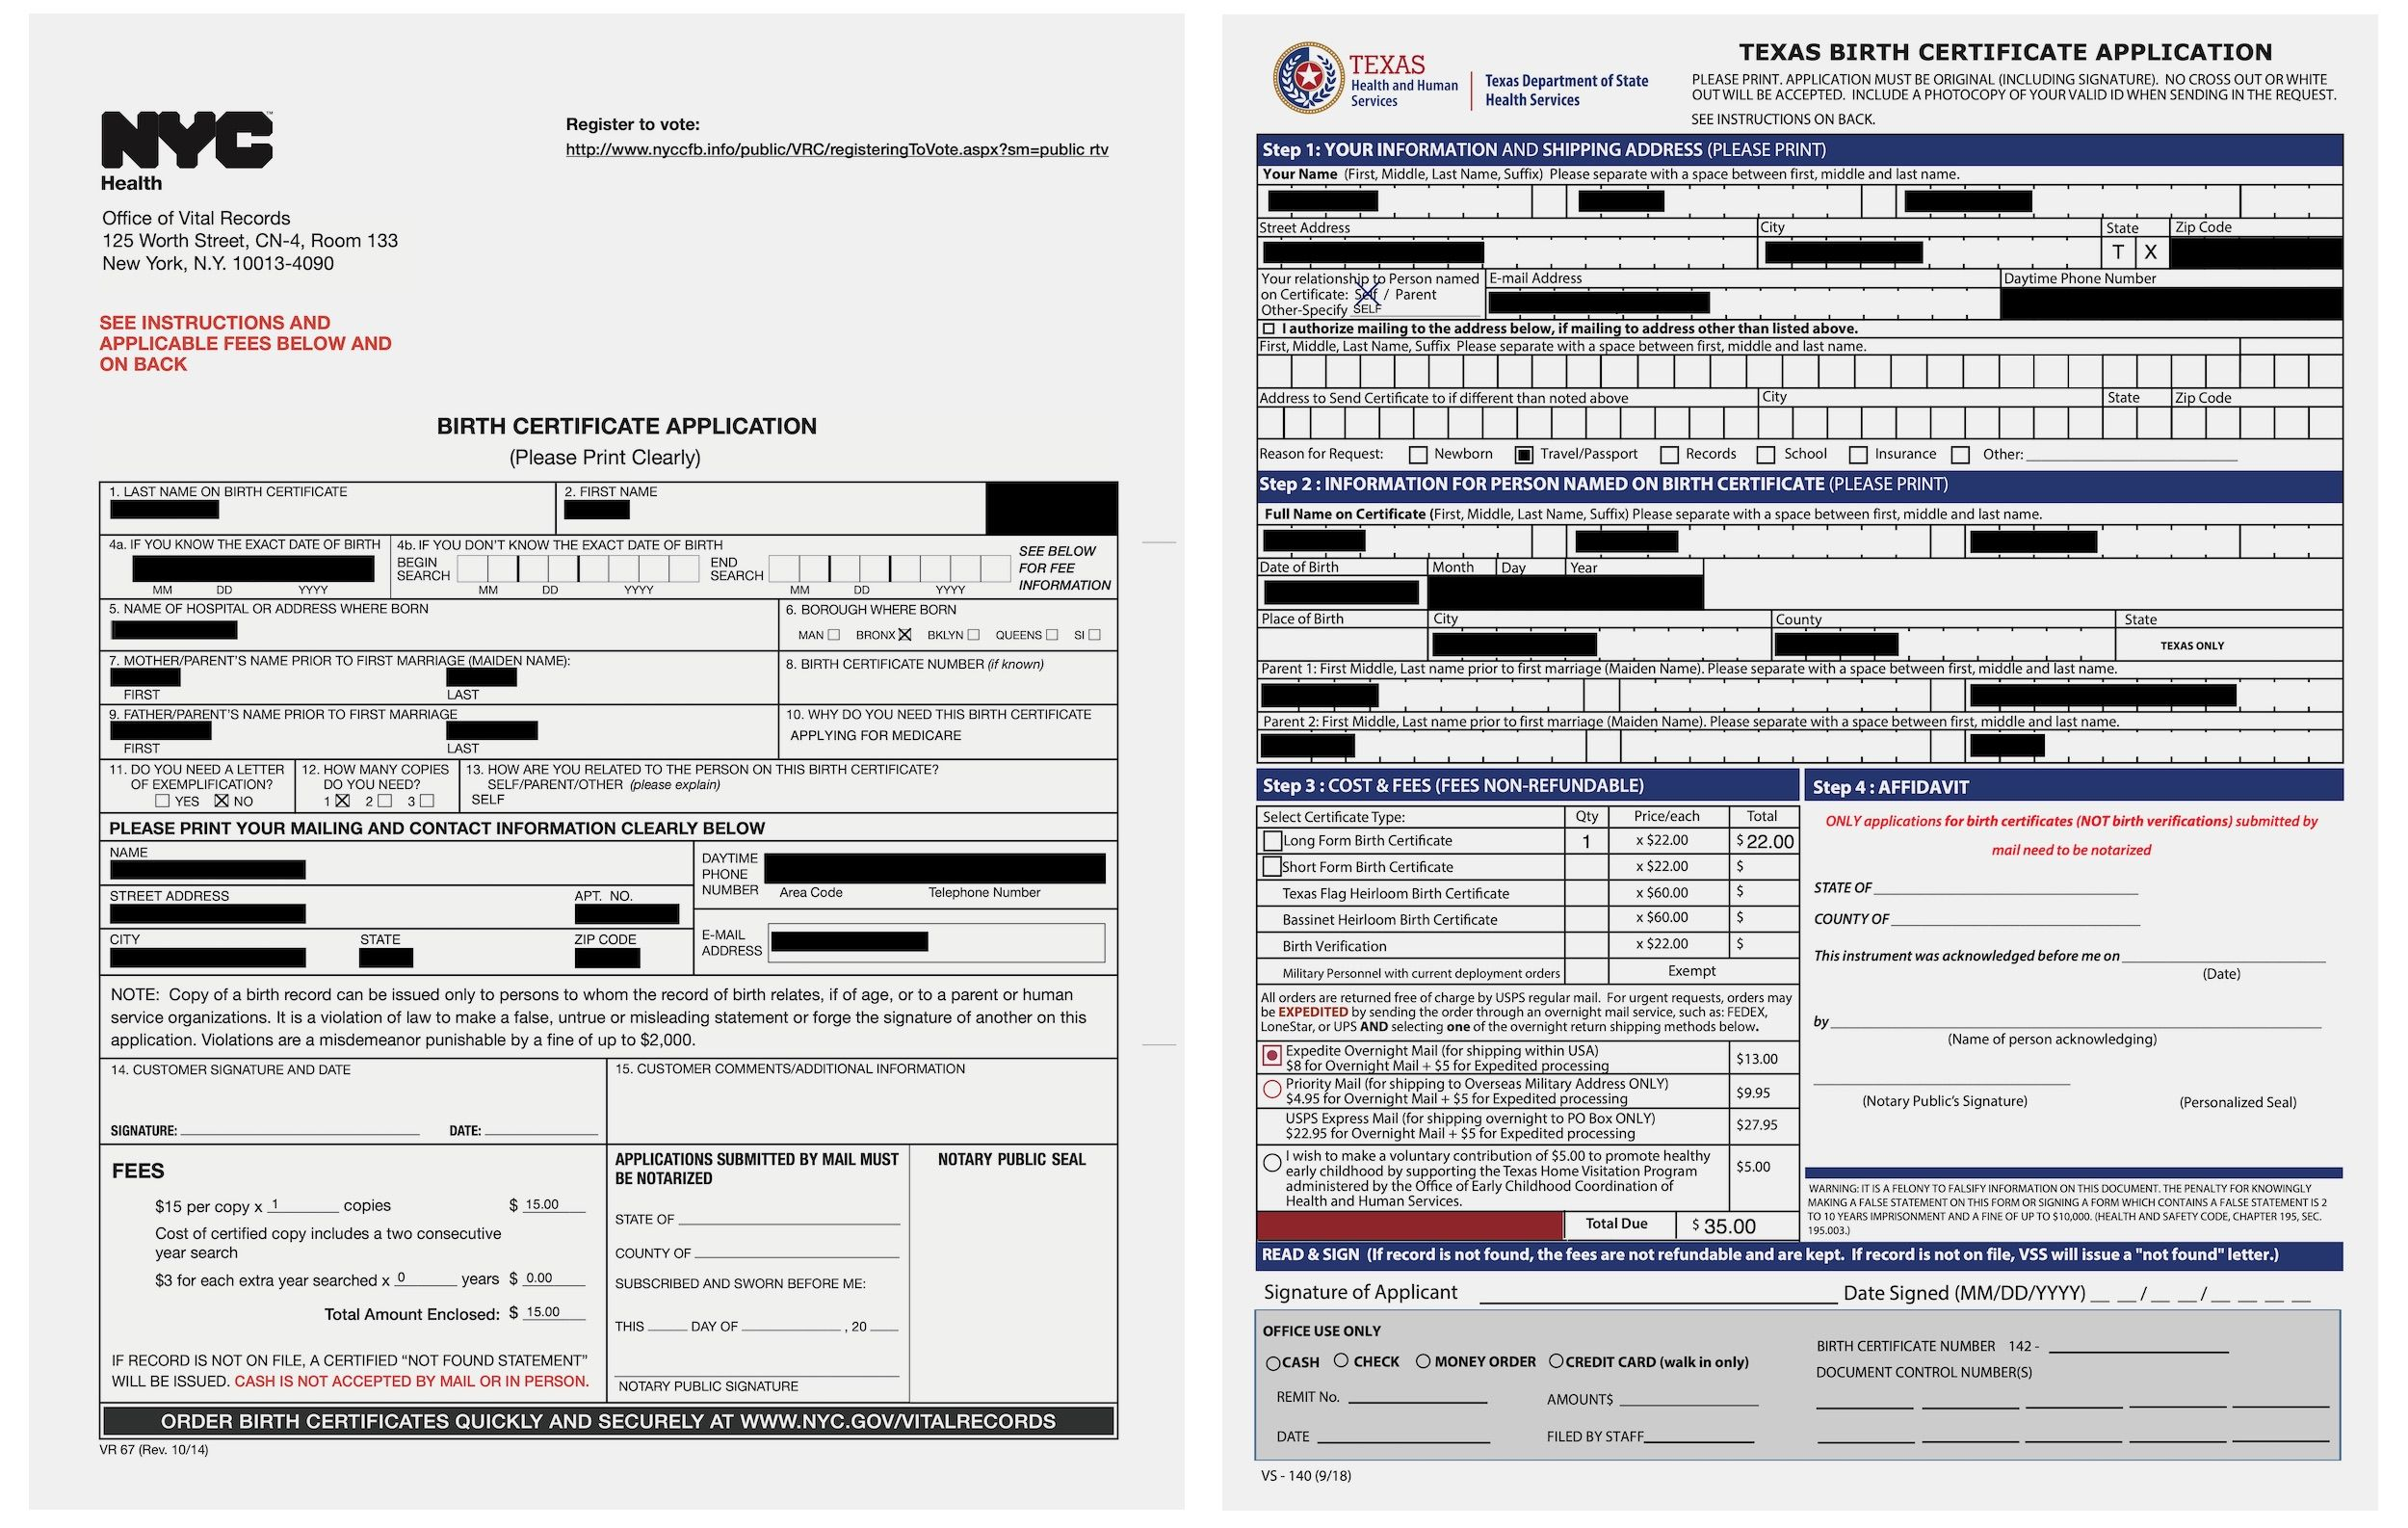 U.S. birth certificate details left online Birth